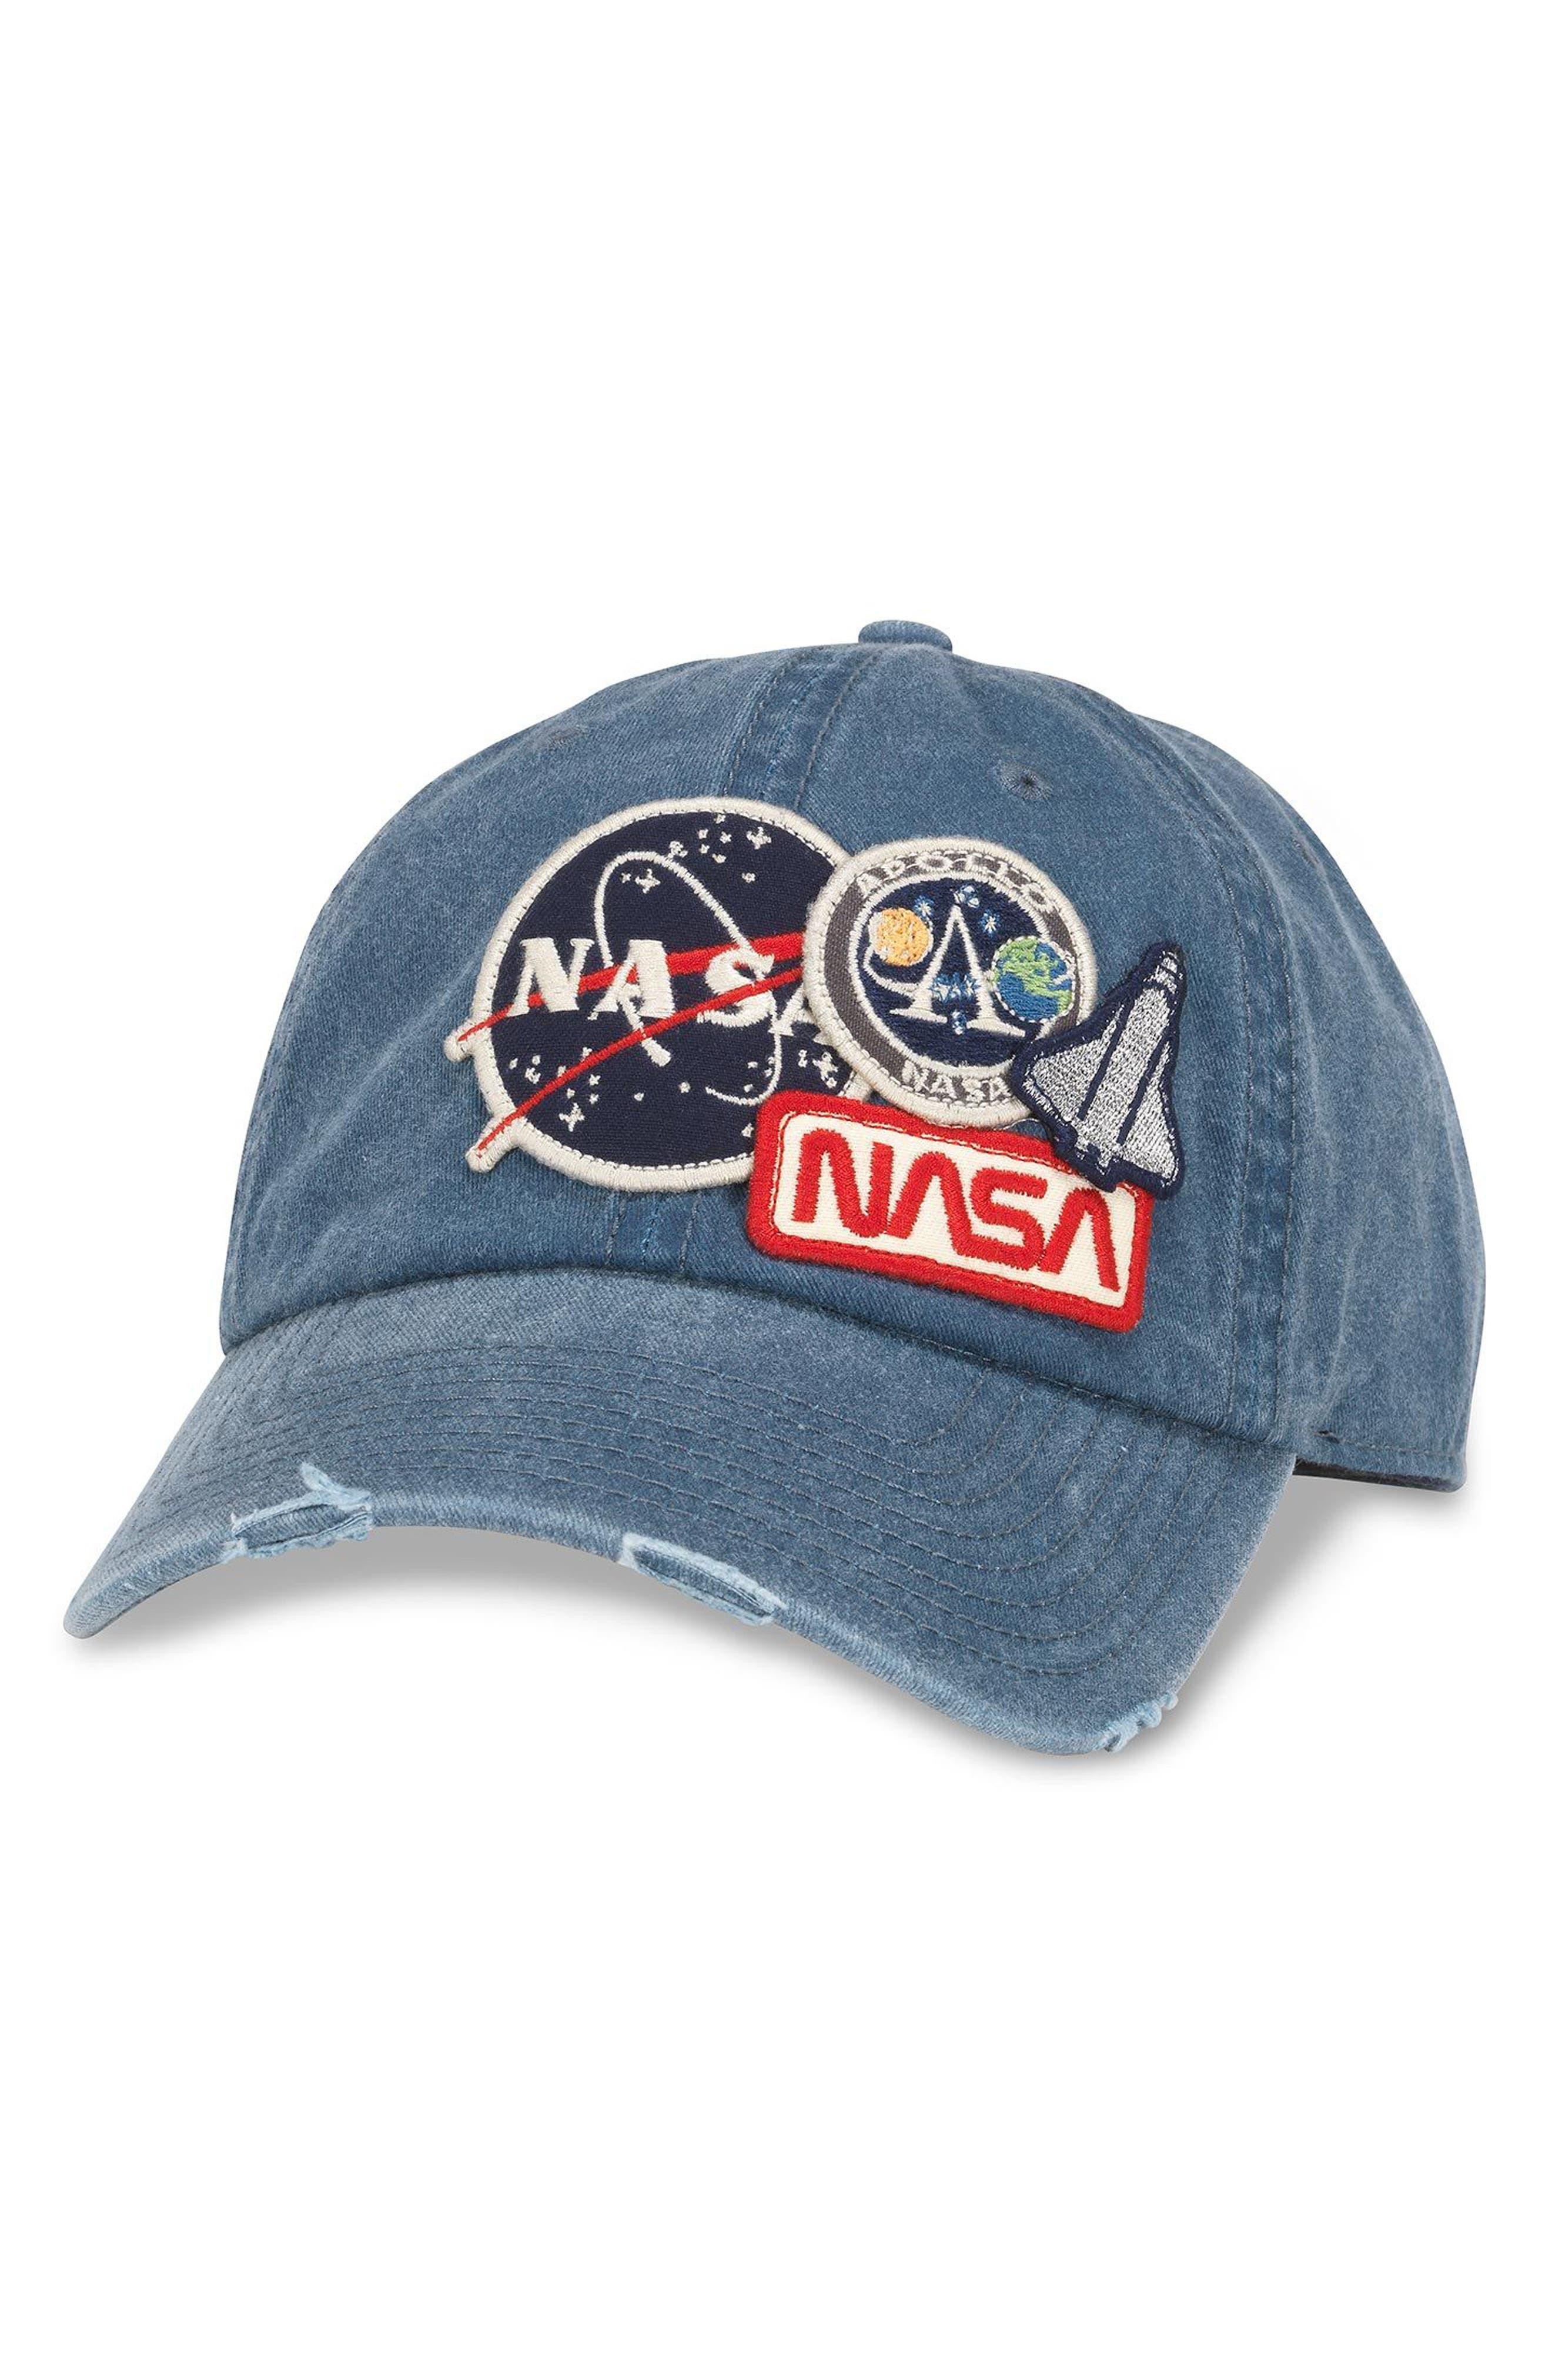 Iconic - NASA Ball Cap,                             Main thumbnail 1, color,                             400